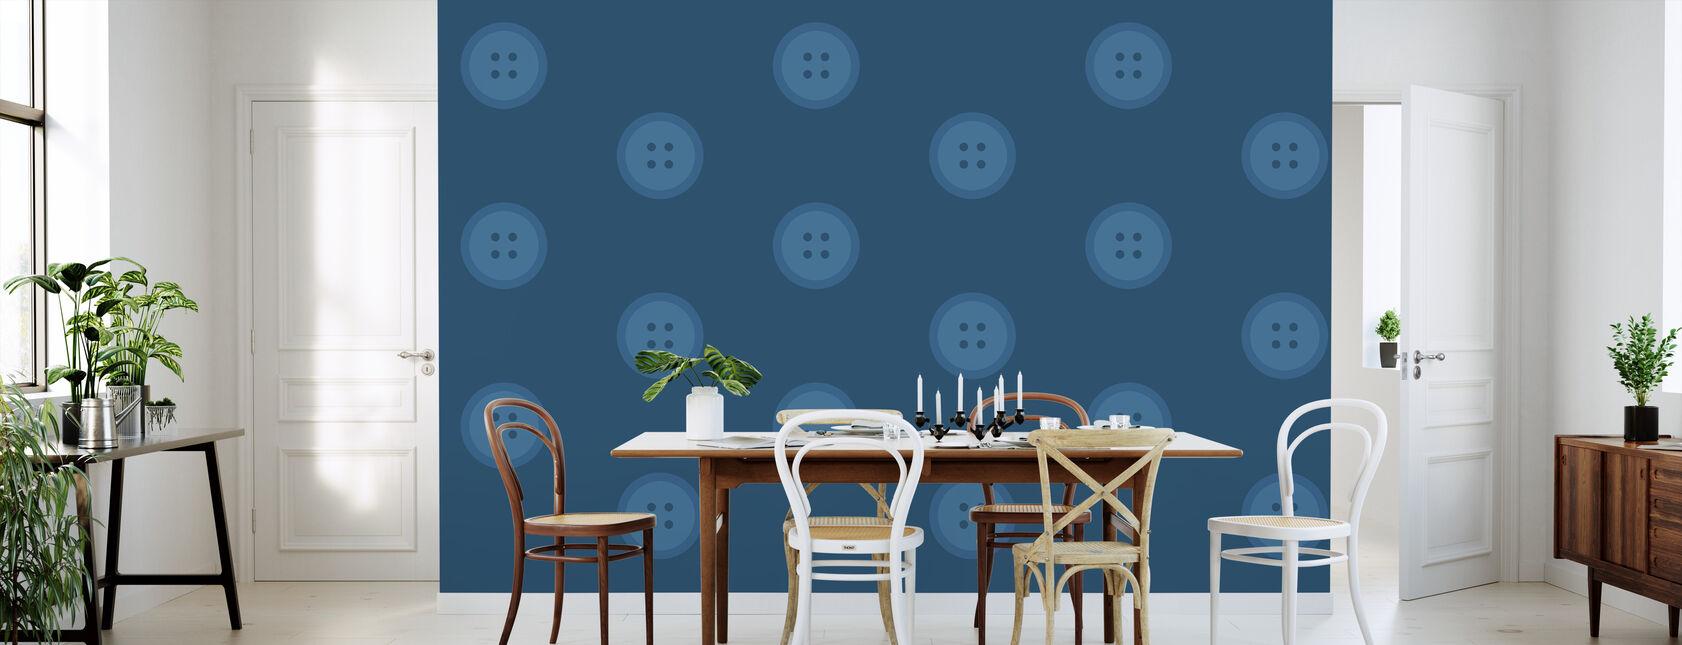 Blue Buttons - Wallpaper - Kitchen